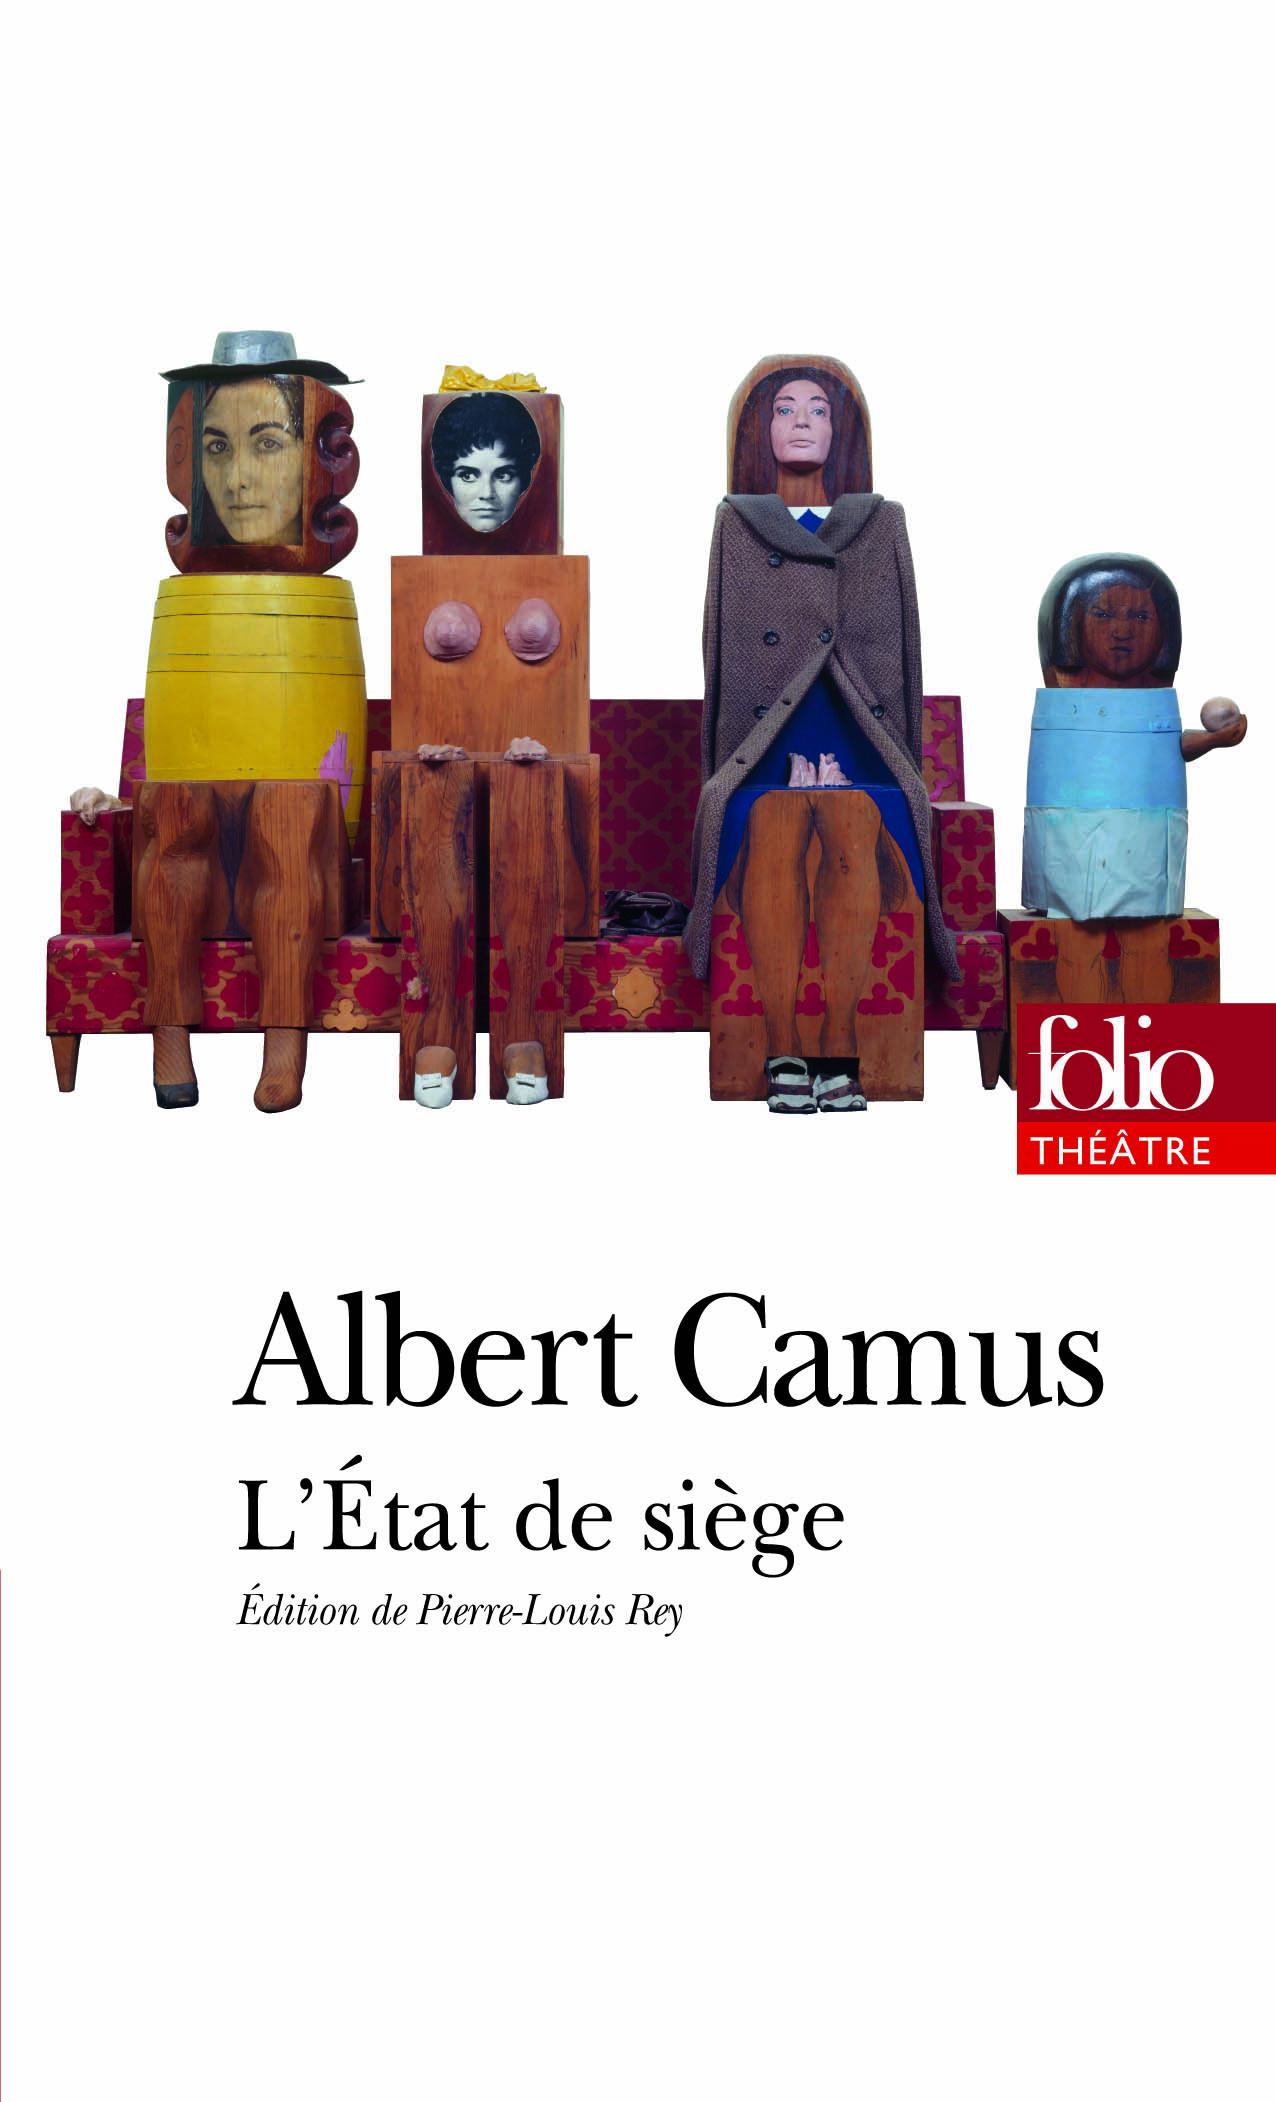 https://www.etudes-camusiennes.fr/wp-content/uploads/2020/03/l%C3%A9tat-de-si%C3%A8ge.jpg